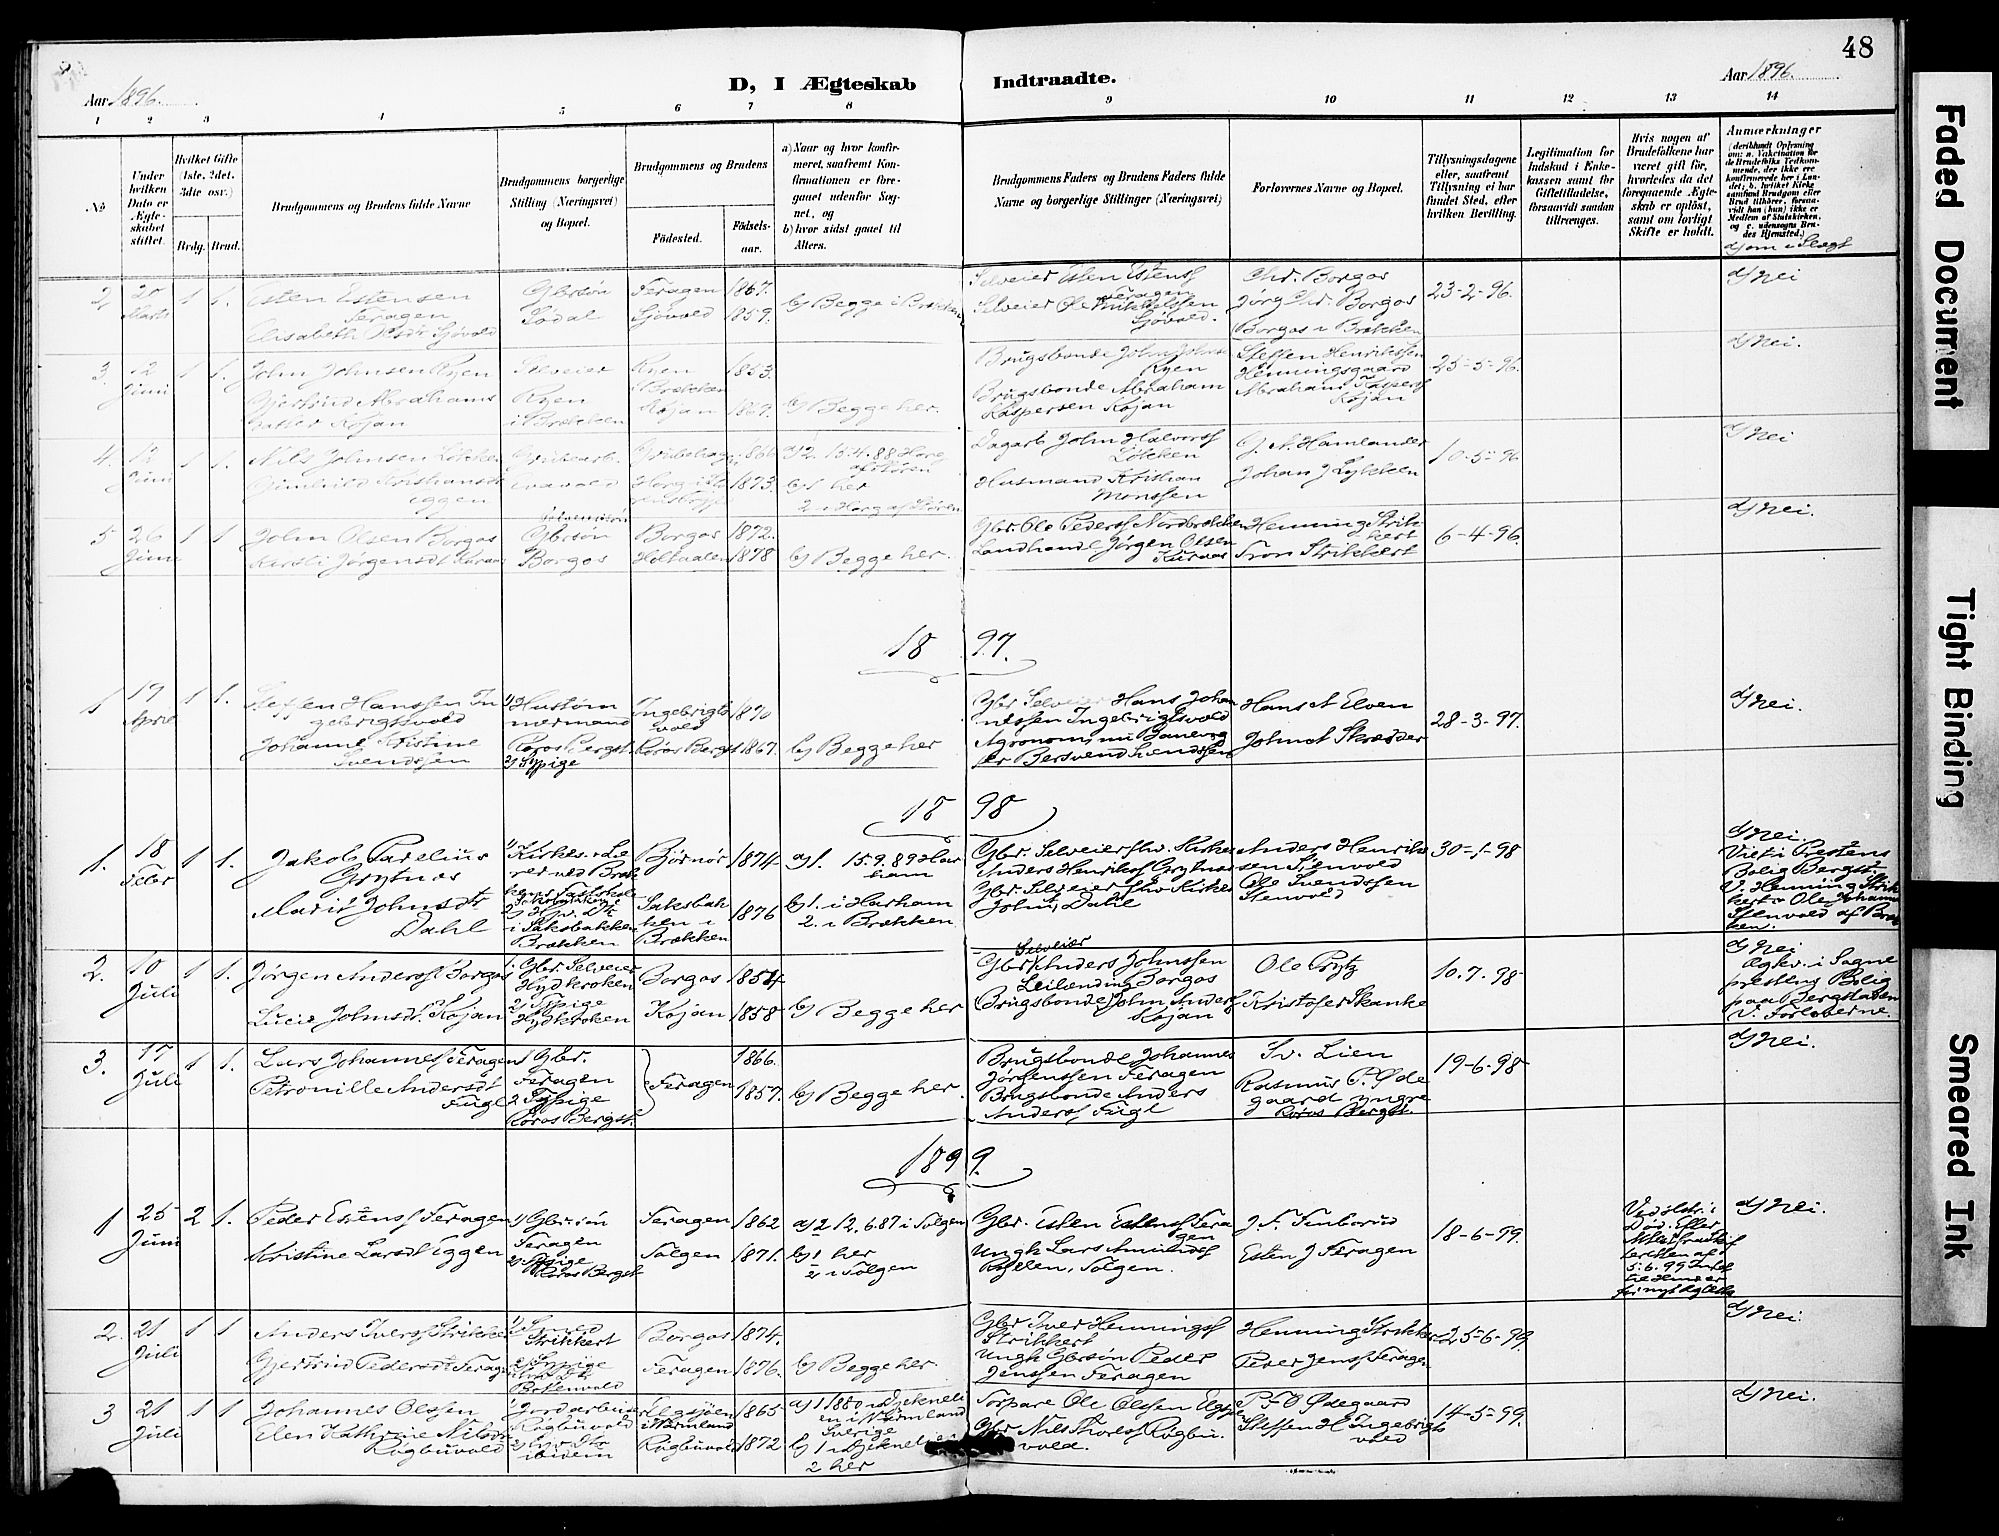 SAT, Ministerialprotokoller, klokkerbøker og fødselsregistre - Sør-Trøndelag, 683/L0948: Ministerialbok nr. 683A01, 1891-1902, s. 48